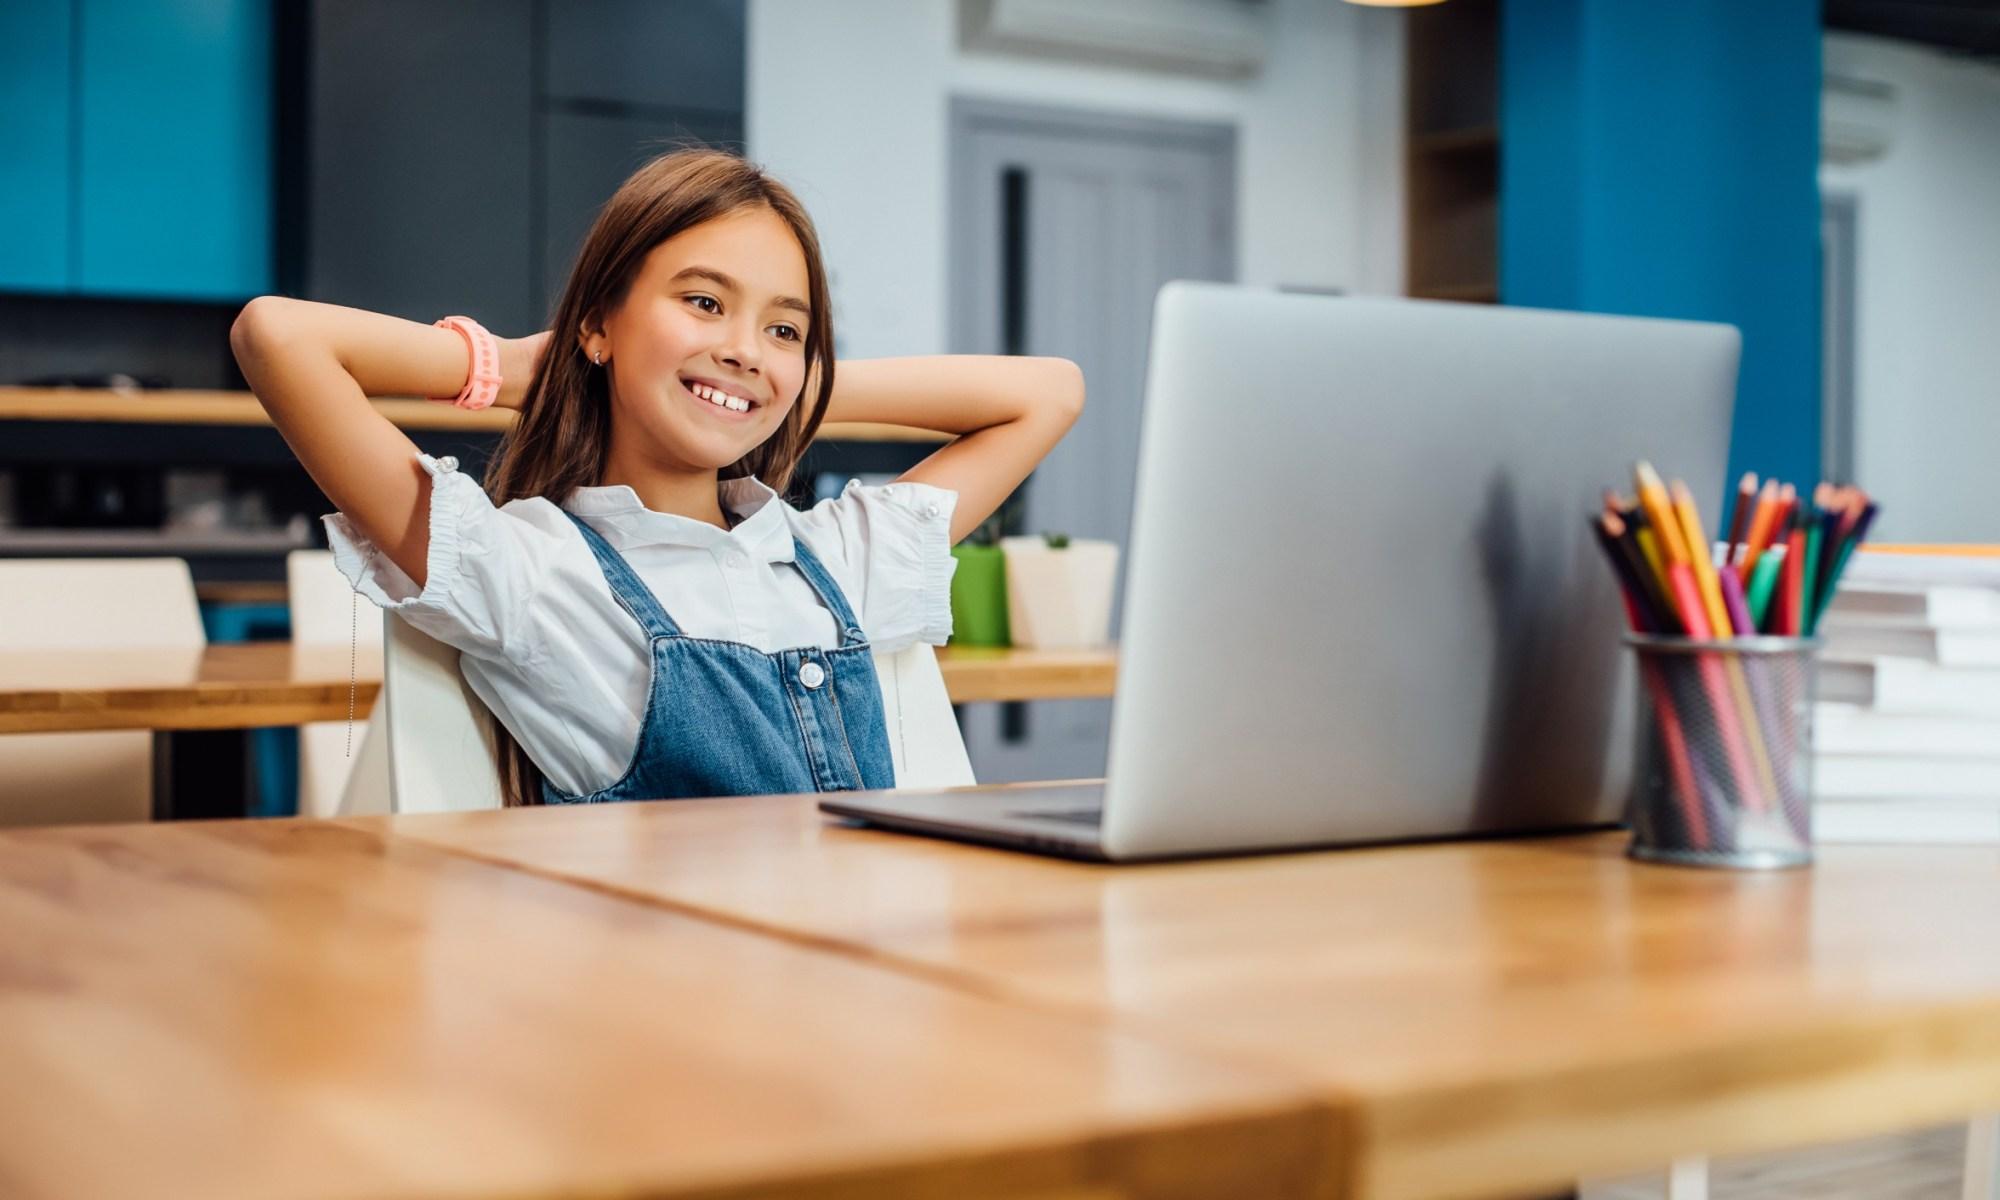 la ragazza impara l'inglese online